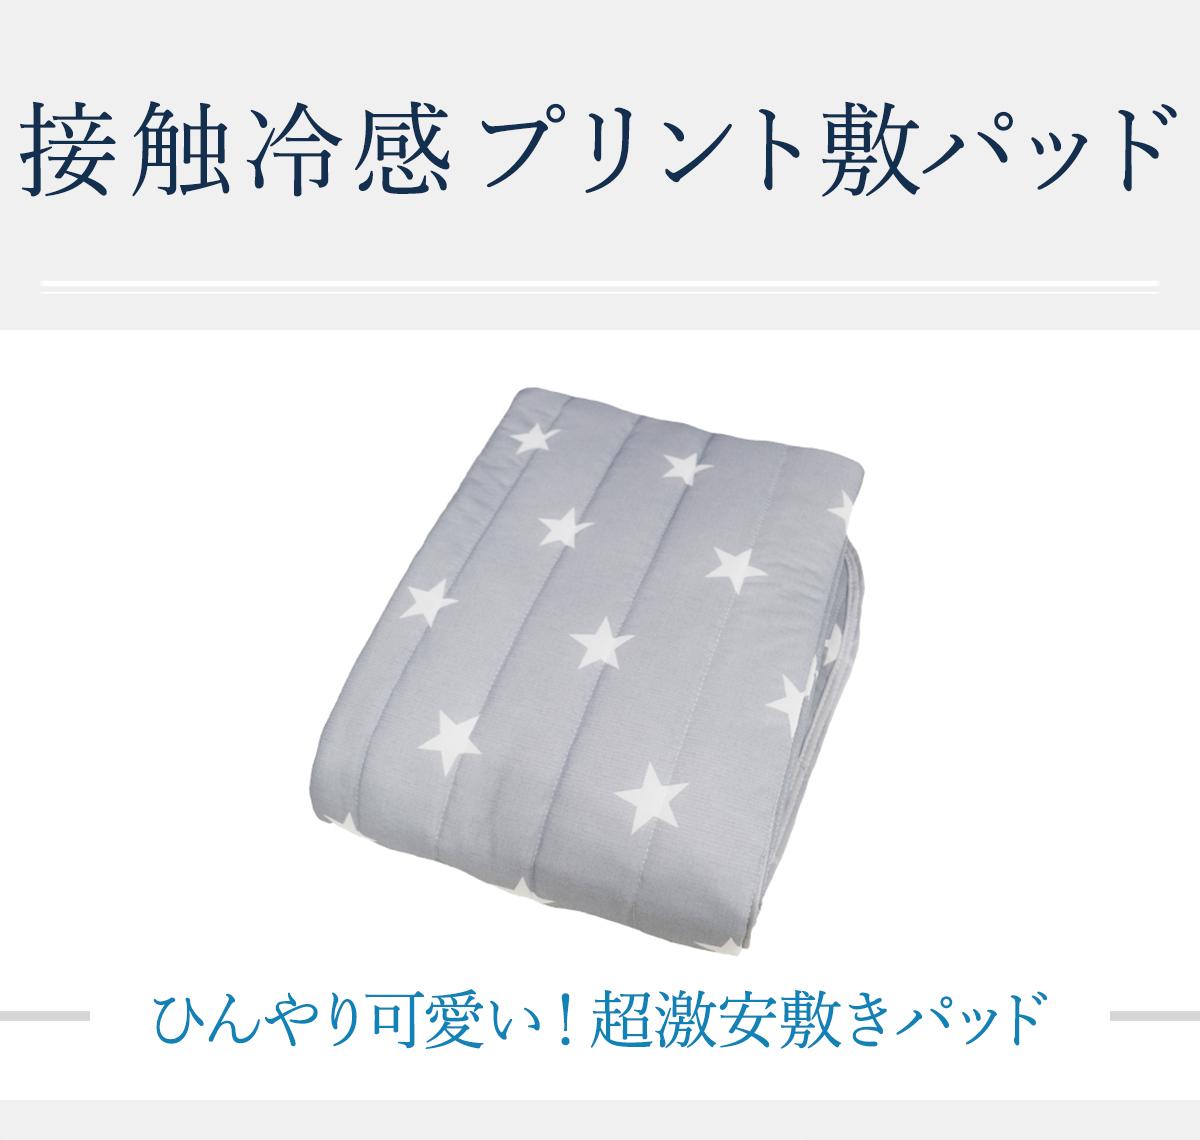 接触冷感プリント敷パッド (ブルー・100x200cm)